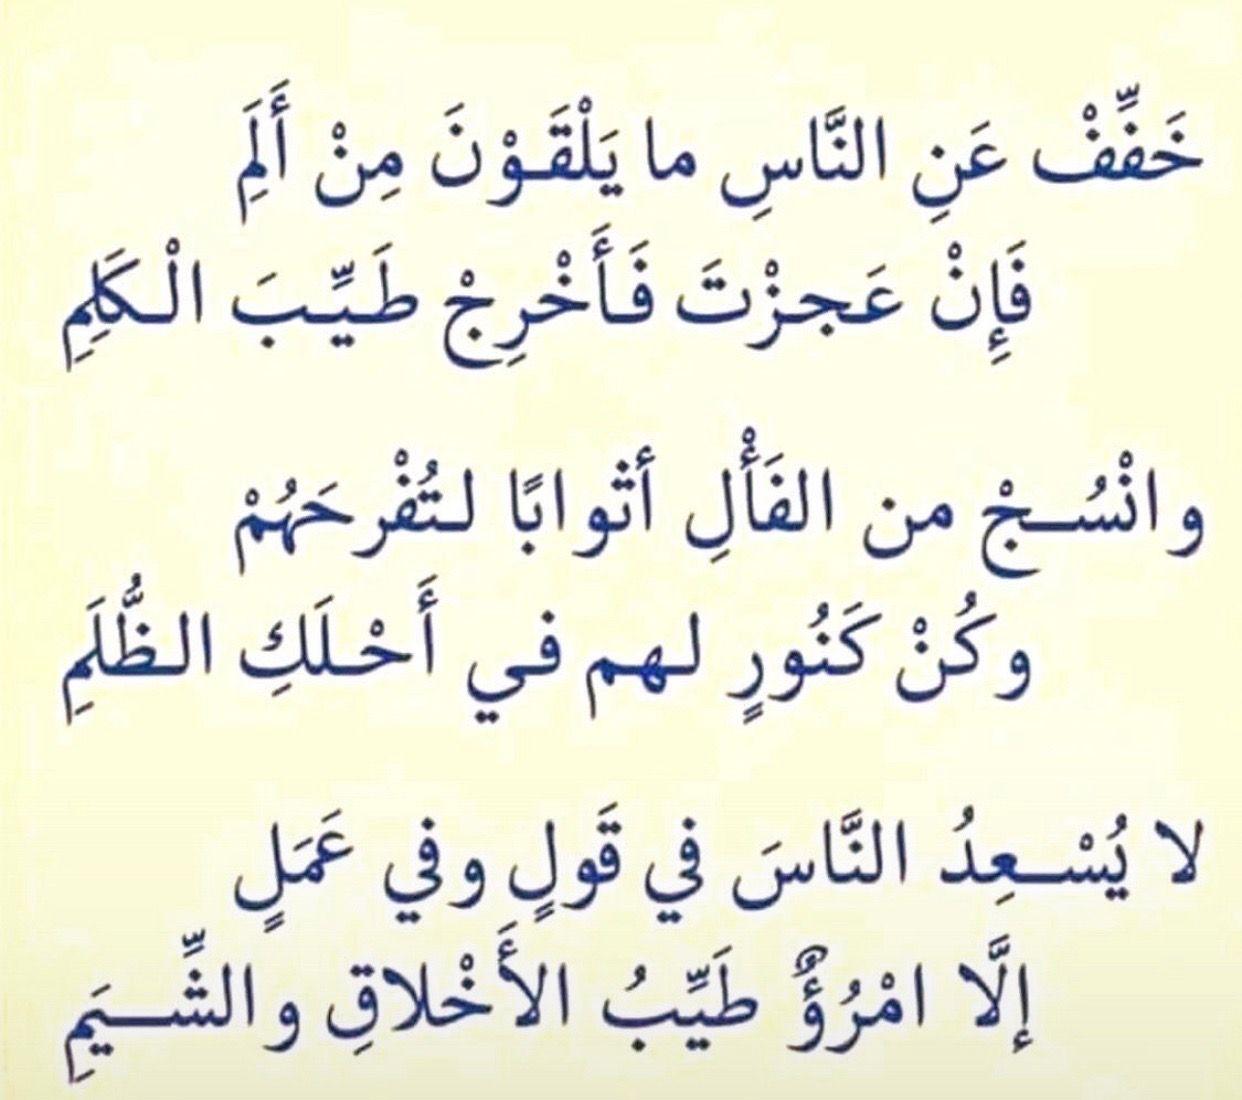 الشعر الأخلاق التفاؤل المواساة Math Arabic Calligraphy Calligraphy